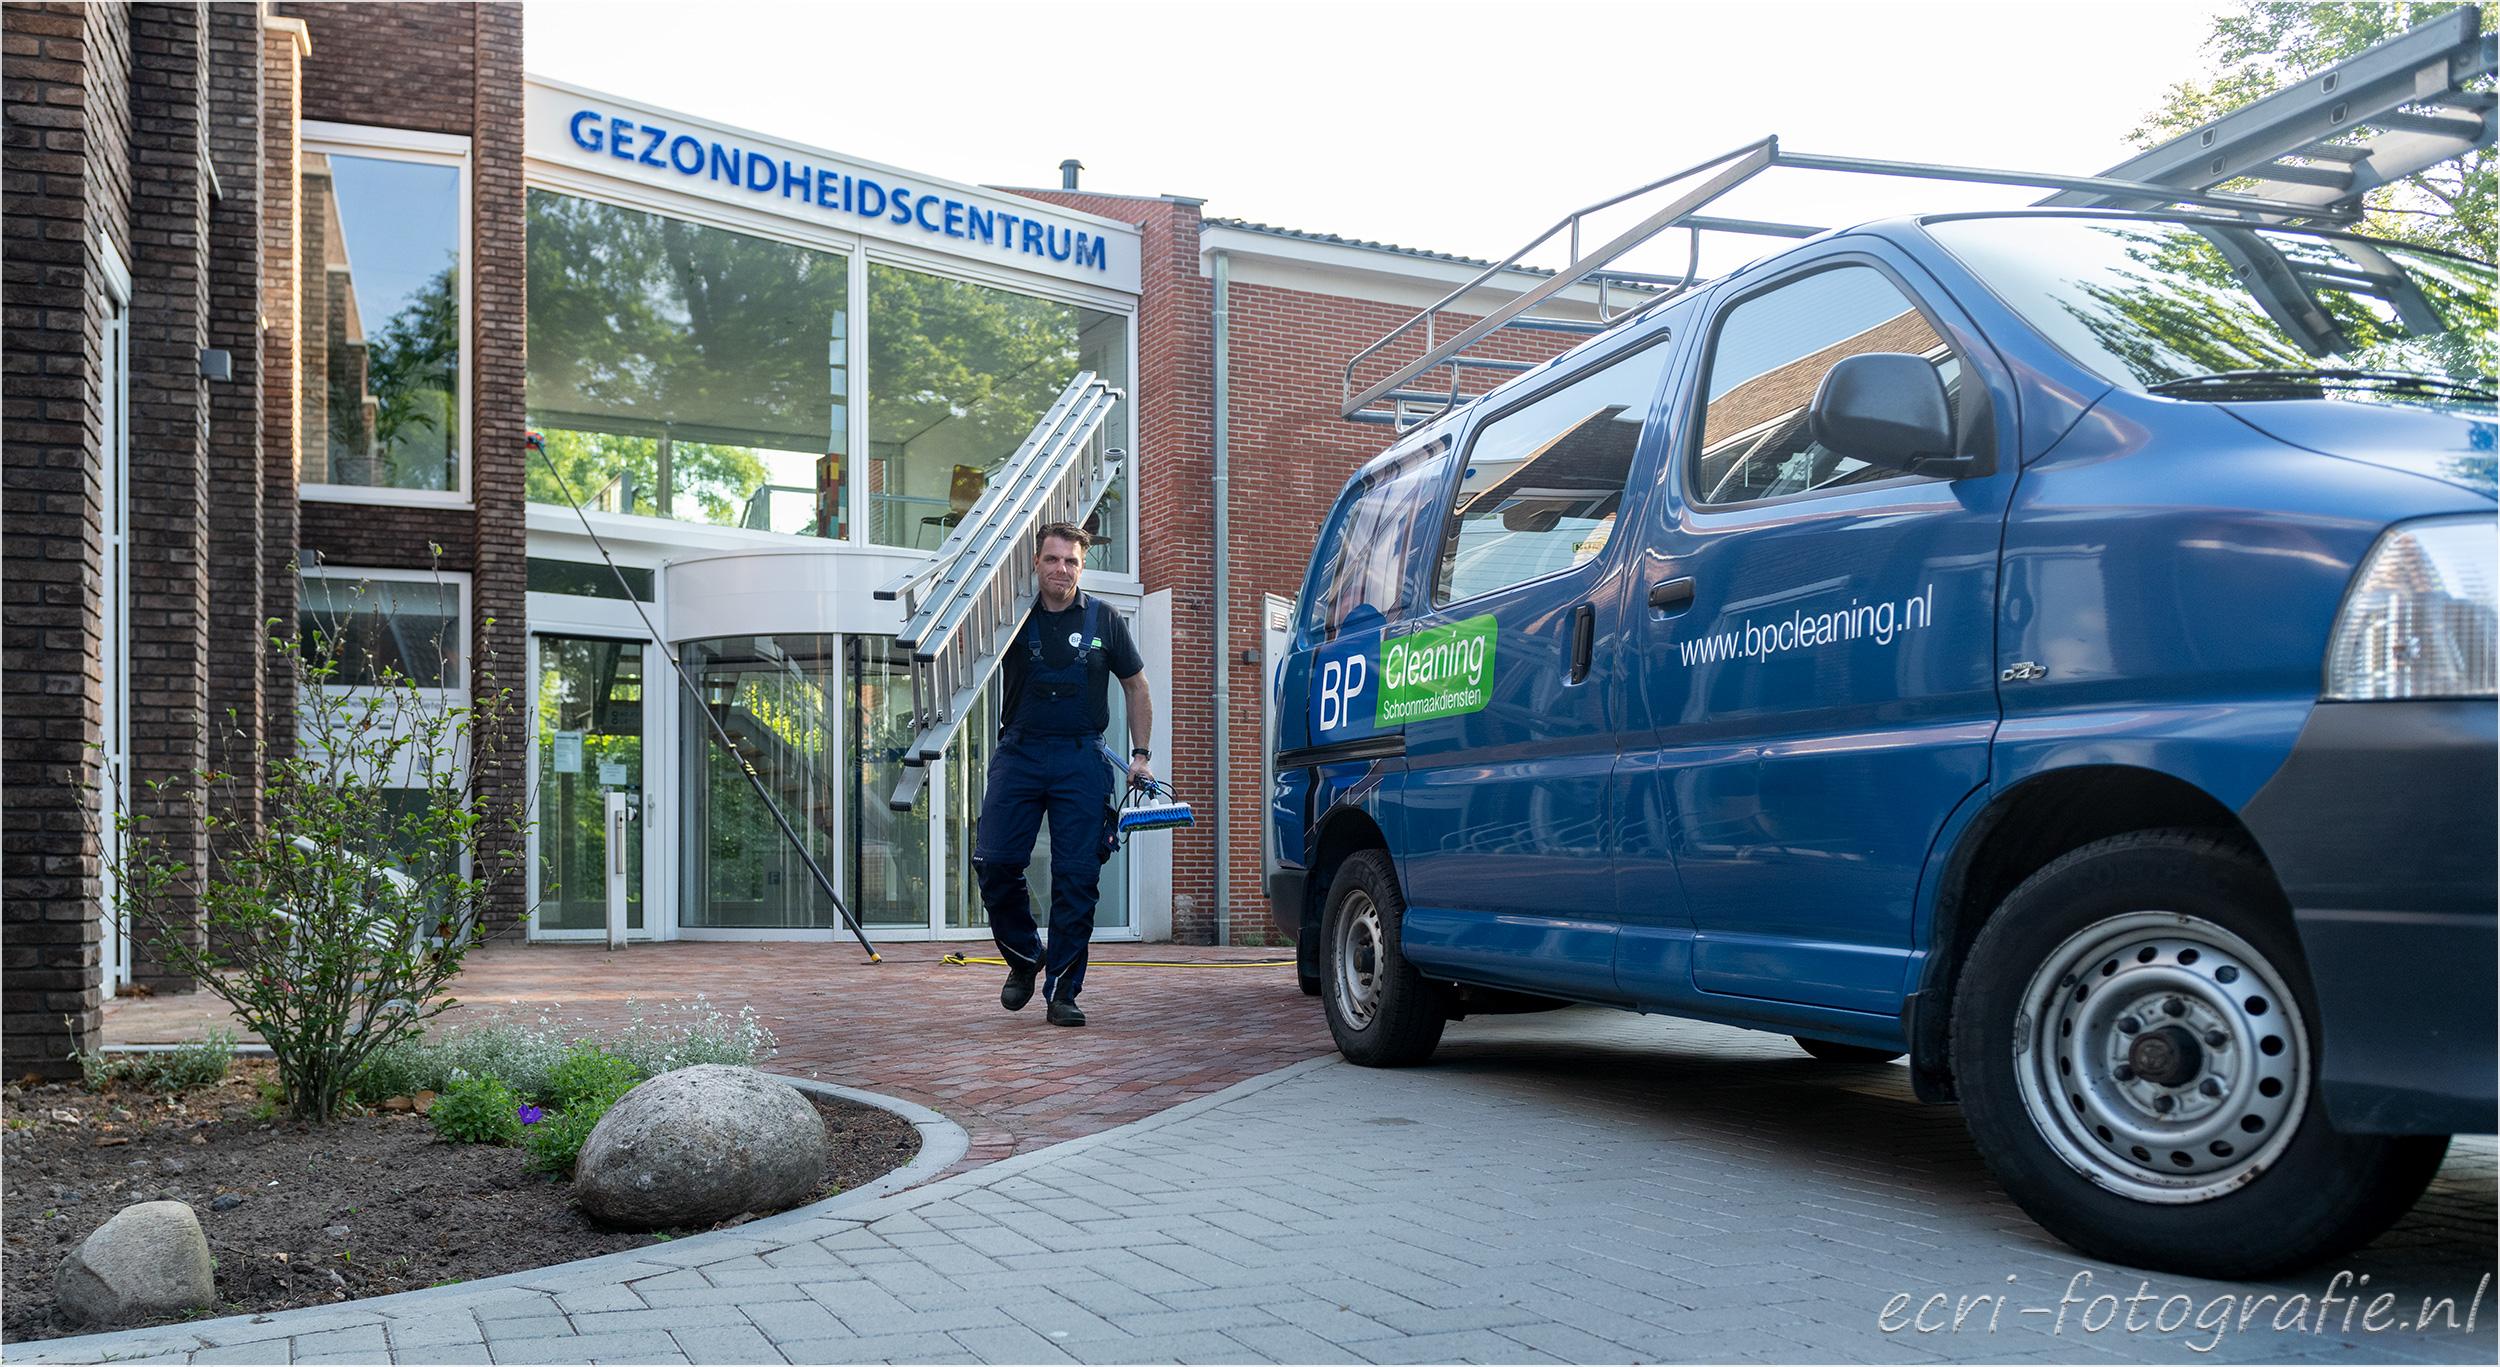 ecri-fotografie, Eric de Jonge, bedrijfsfotografie, BP Cleaning, schoonmaakbedrijf, zakelijk, Gezondheidscentrum Gieten, Gieten